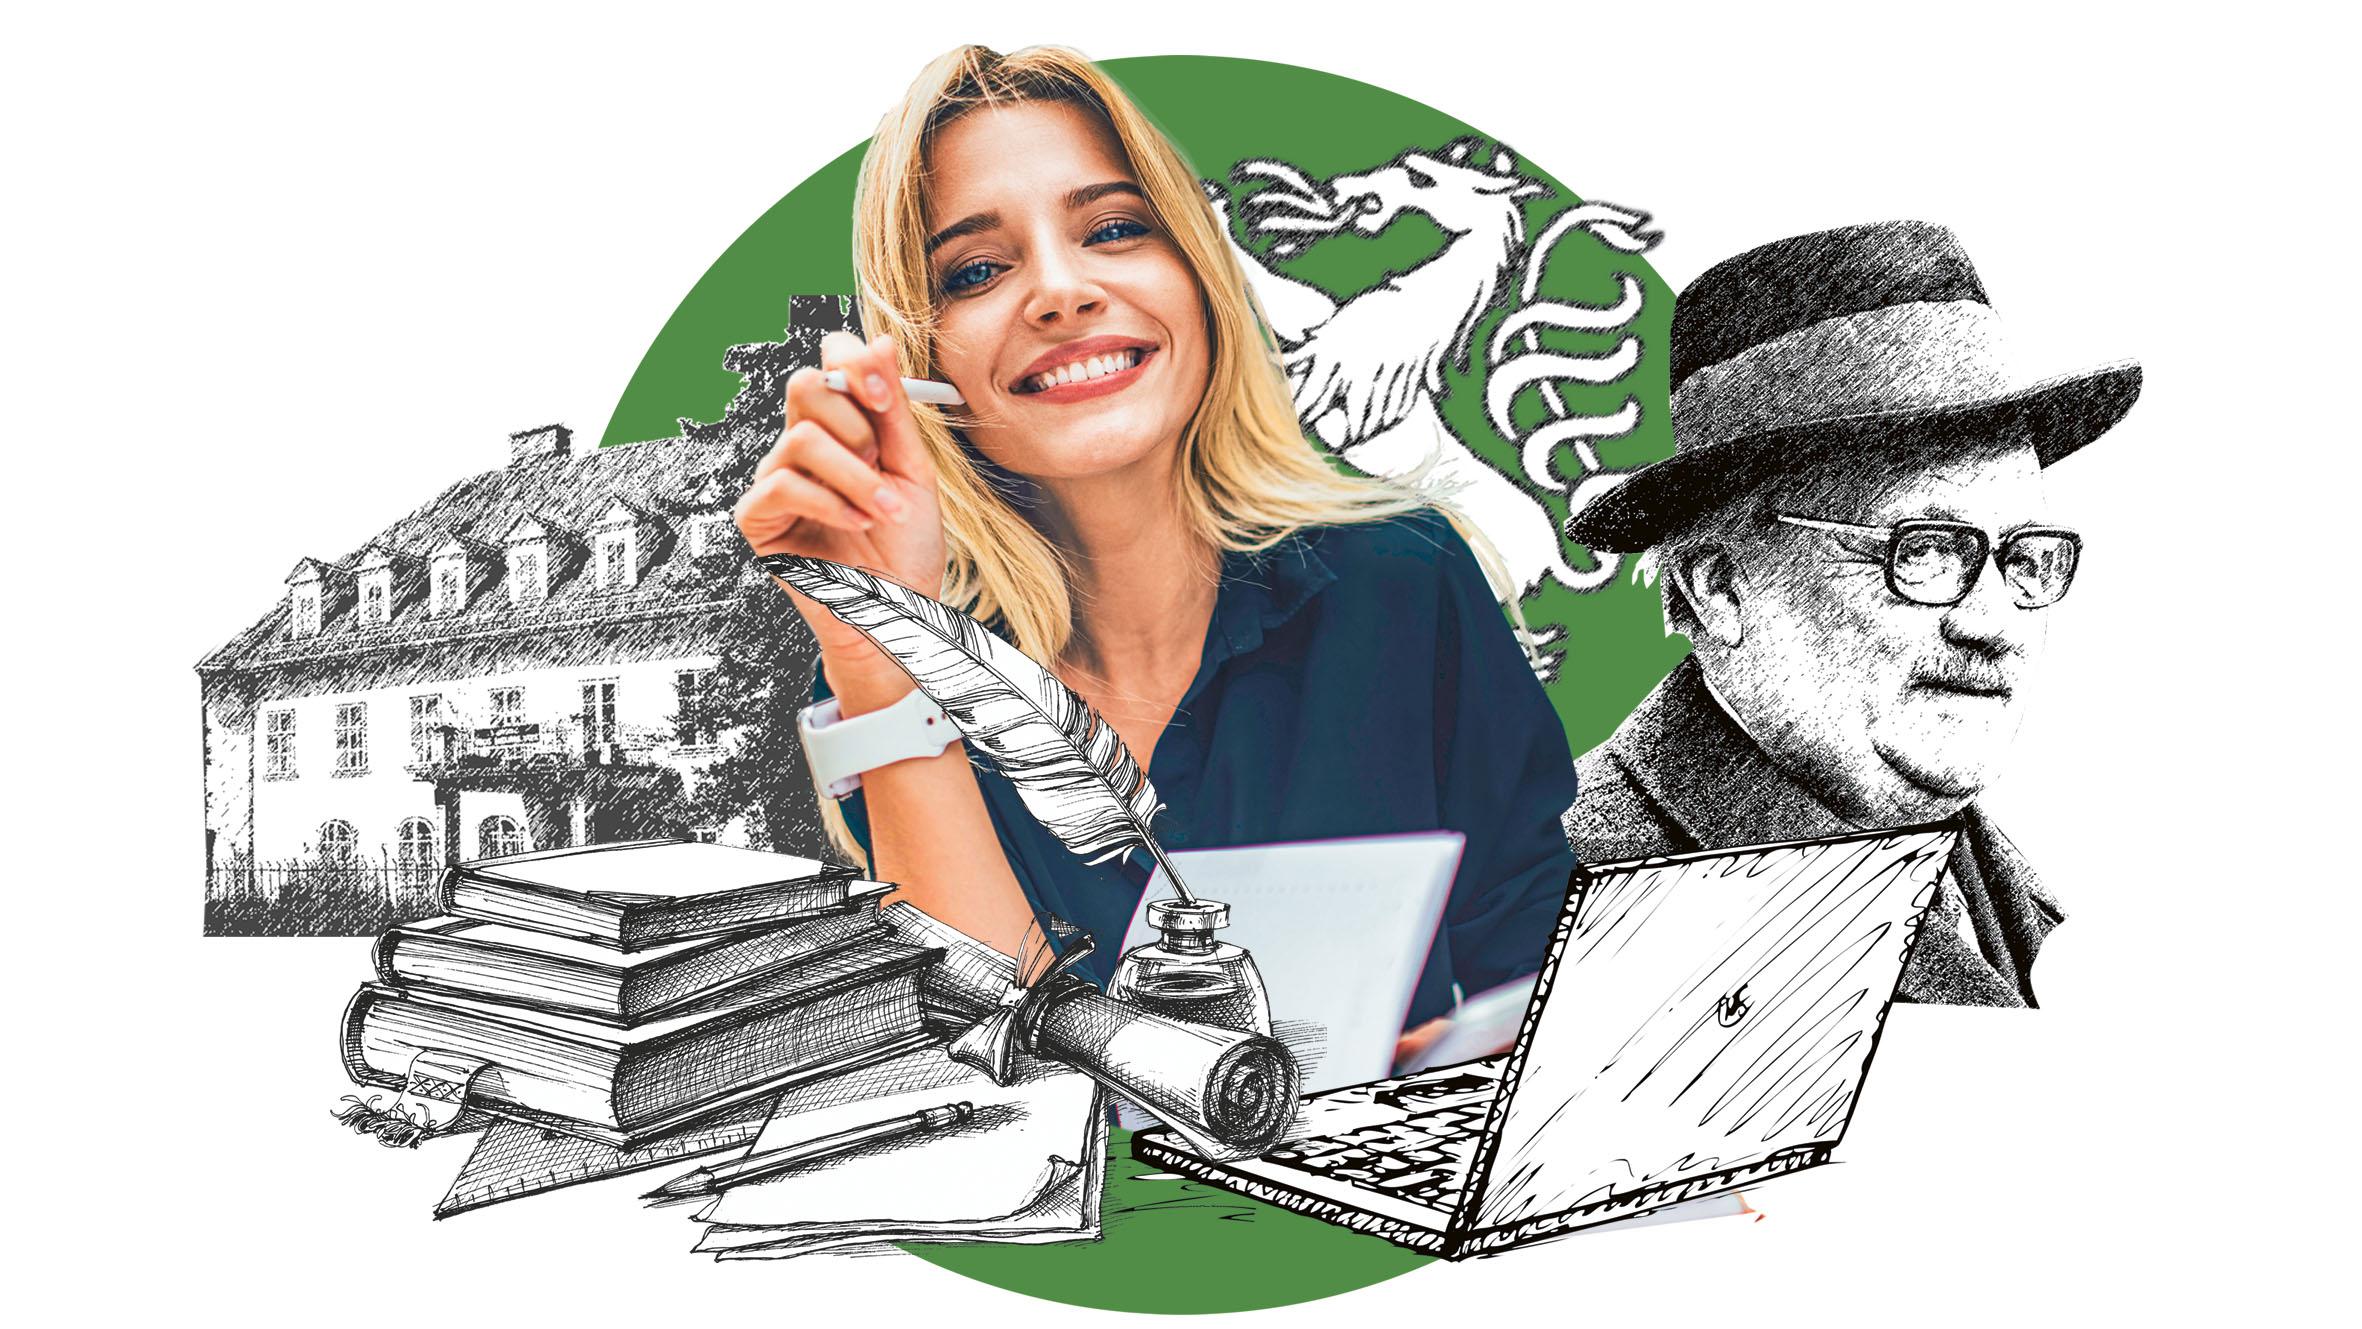 junge Frau, Hanns Koren und die Herdergasse